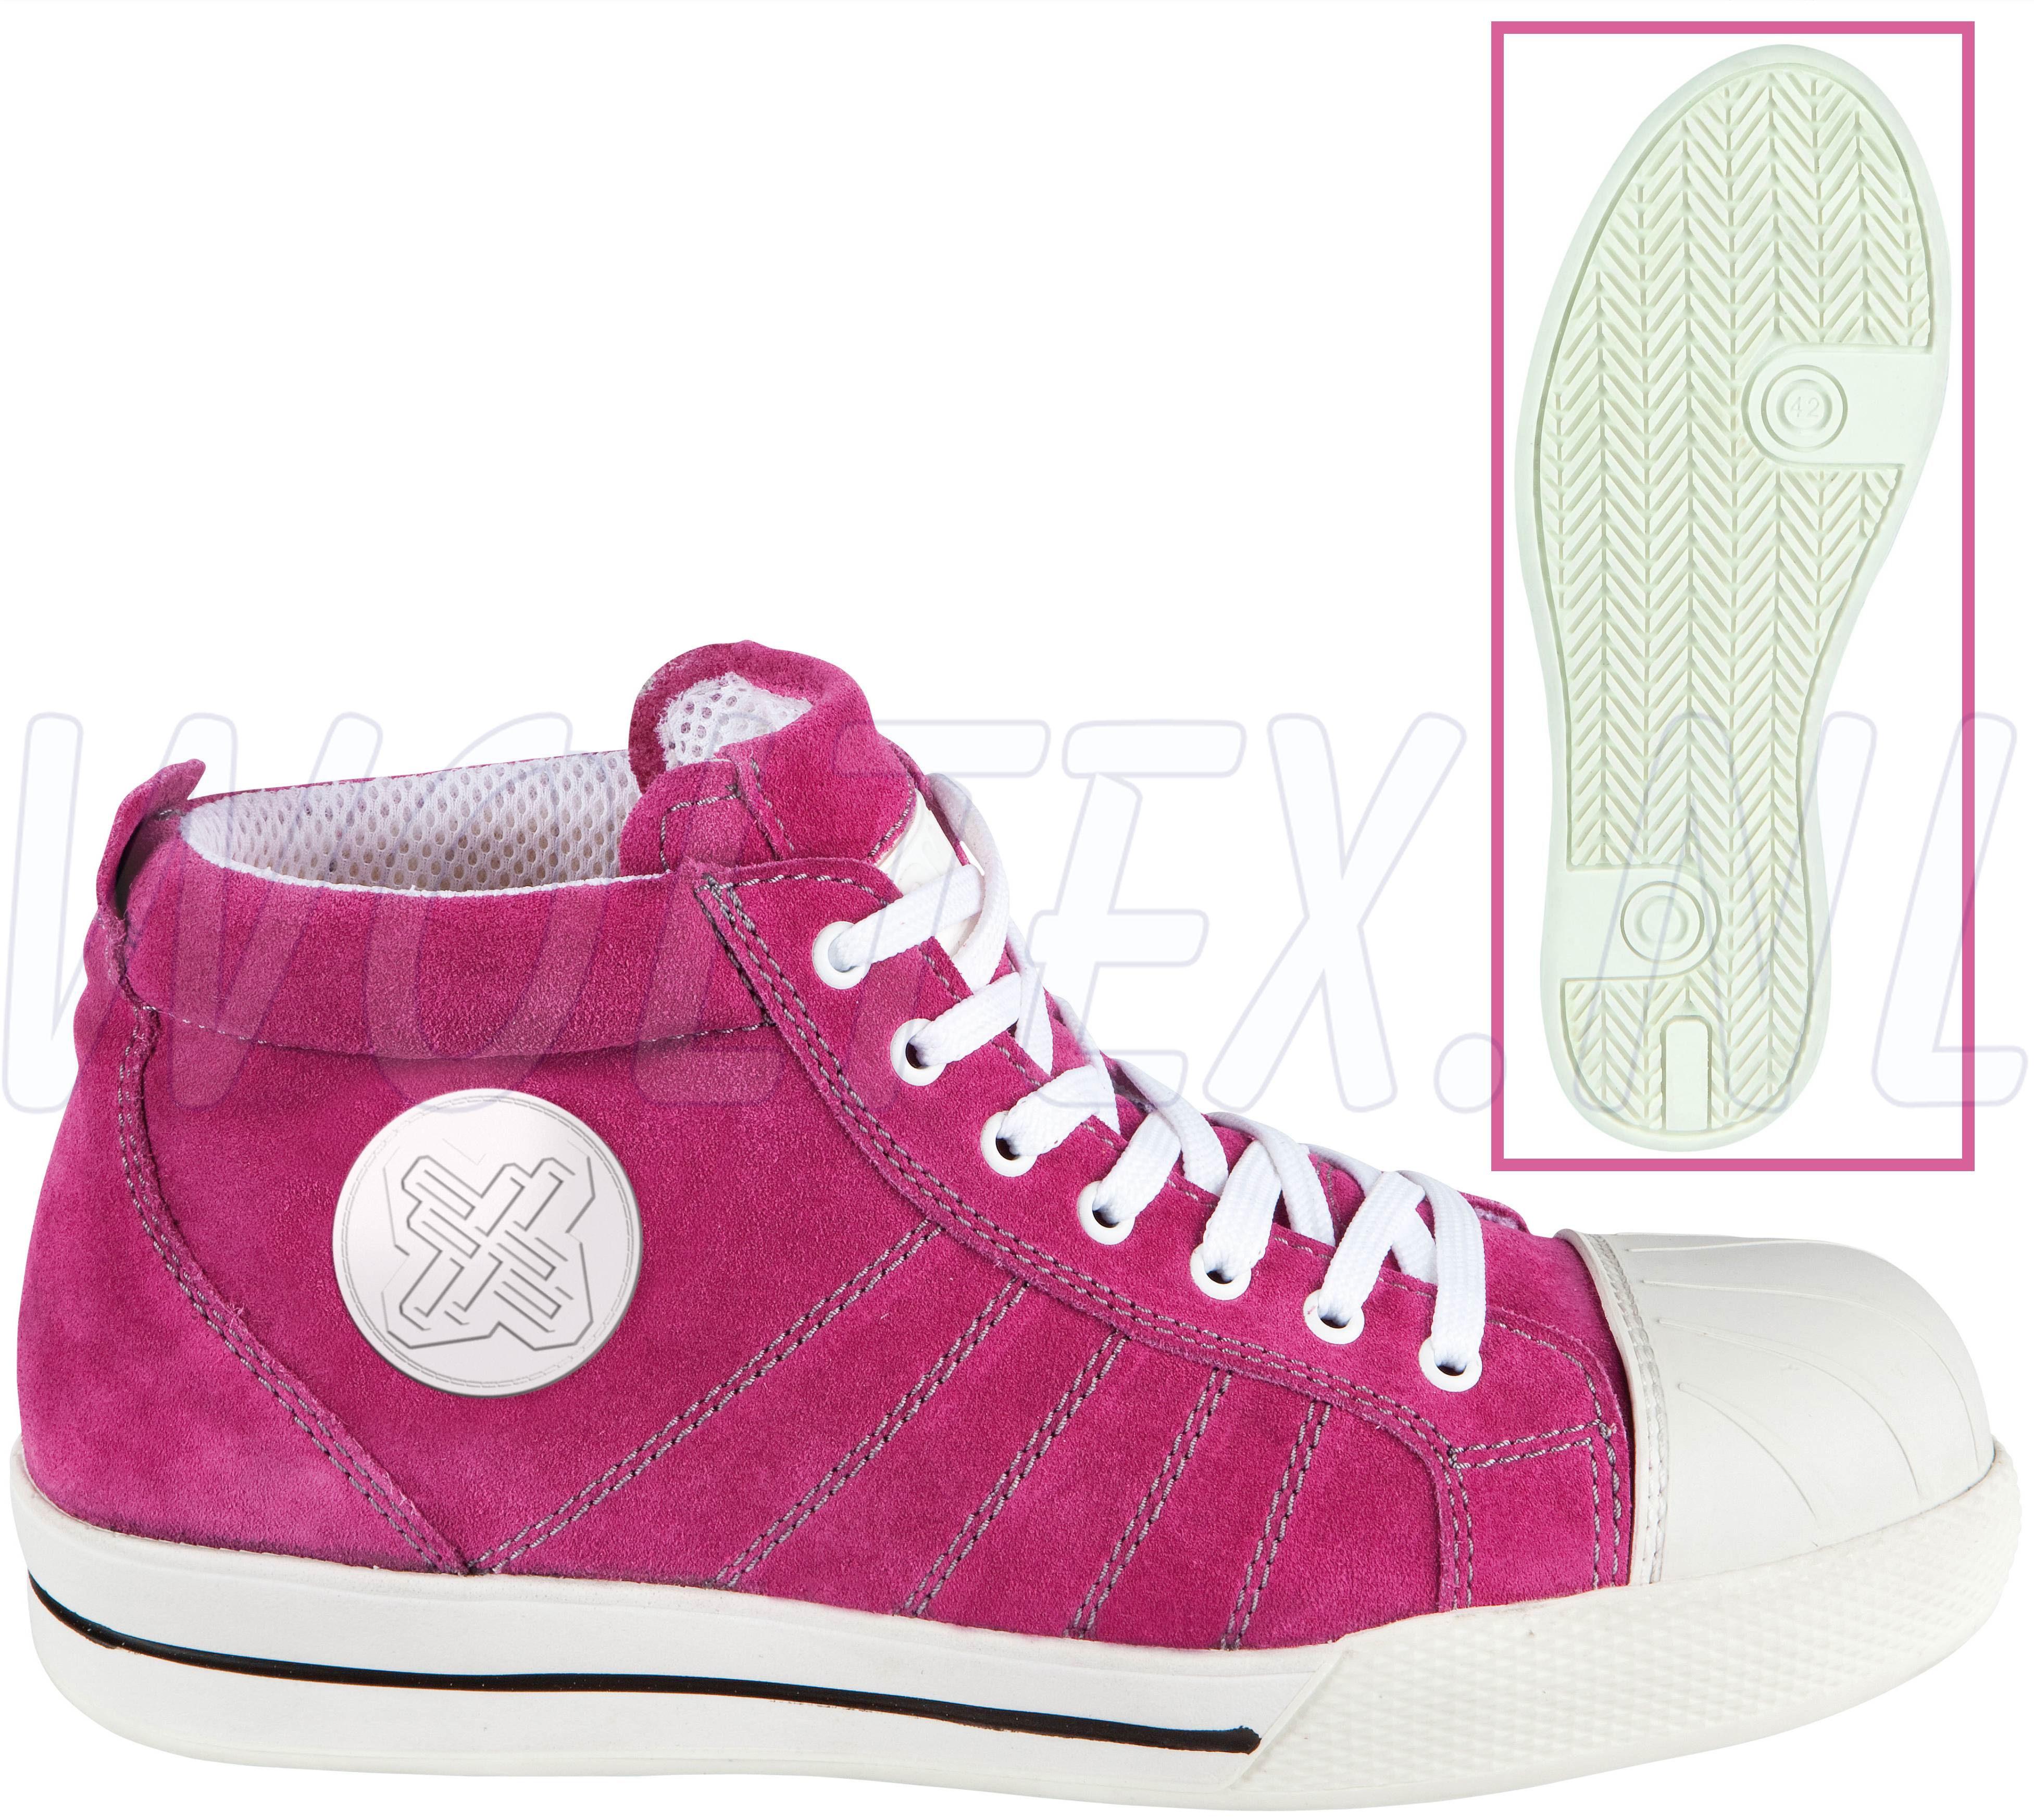 Werkschoenen Met Witte Zool.Redbrick Safety Sneakers S1p Werkschoenen Hoog Pink Veilige Neus